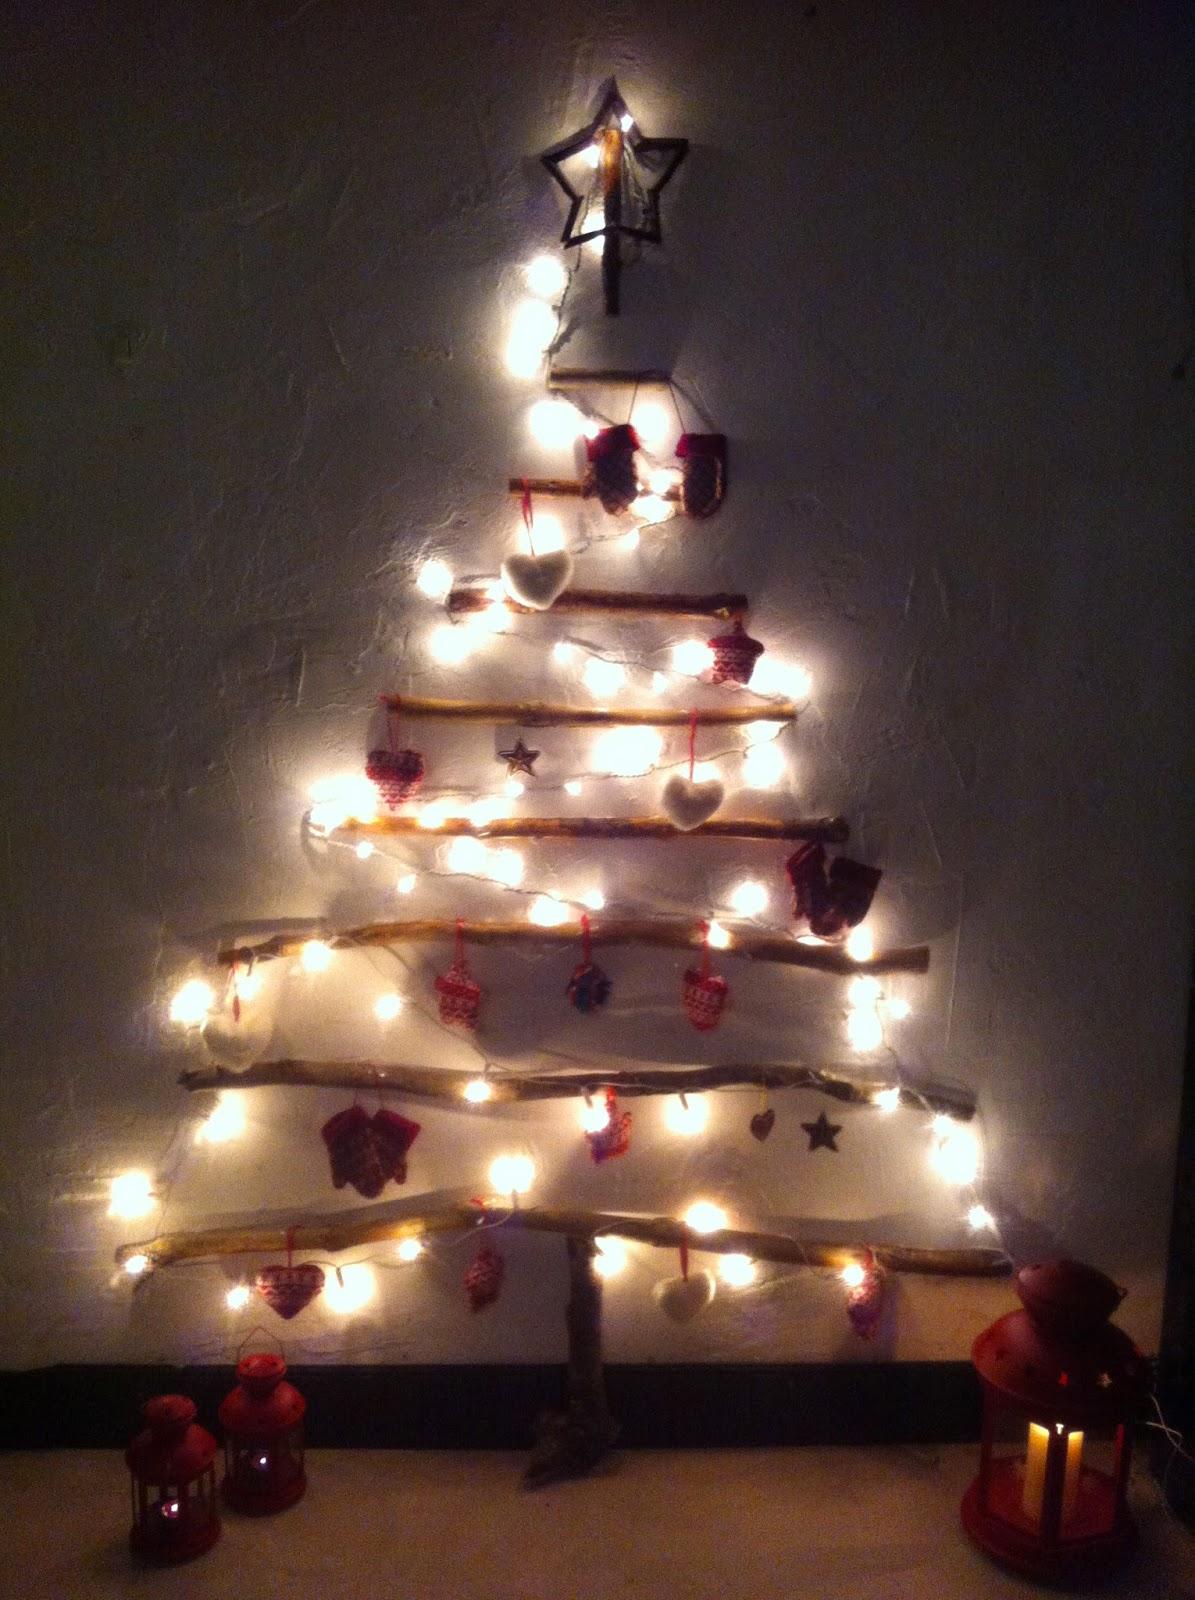 Icono interiorismo arboles de navidad hechos con ramas secas - Arbol de navidad hecho de luces ...